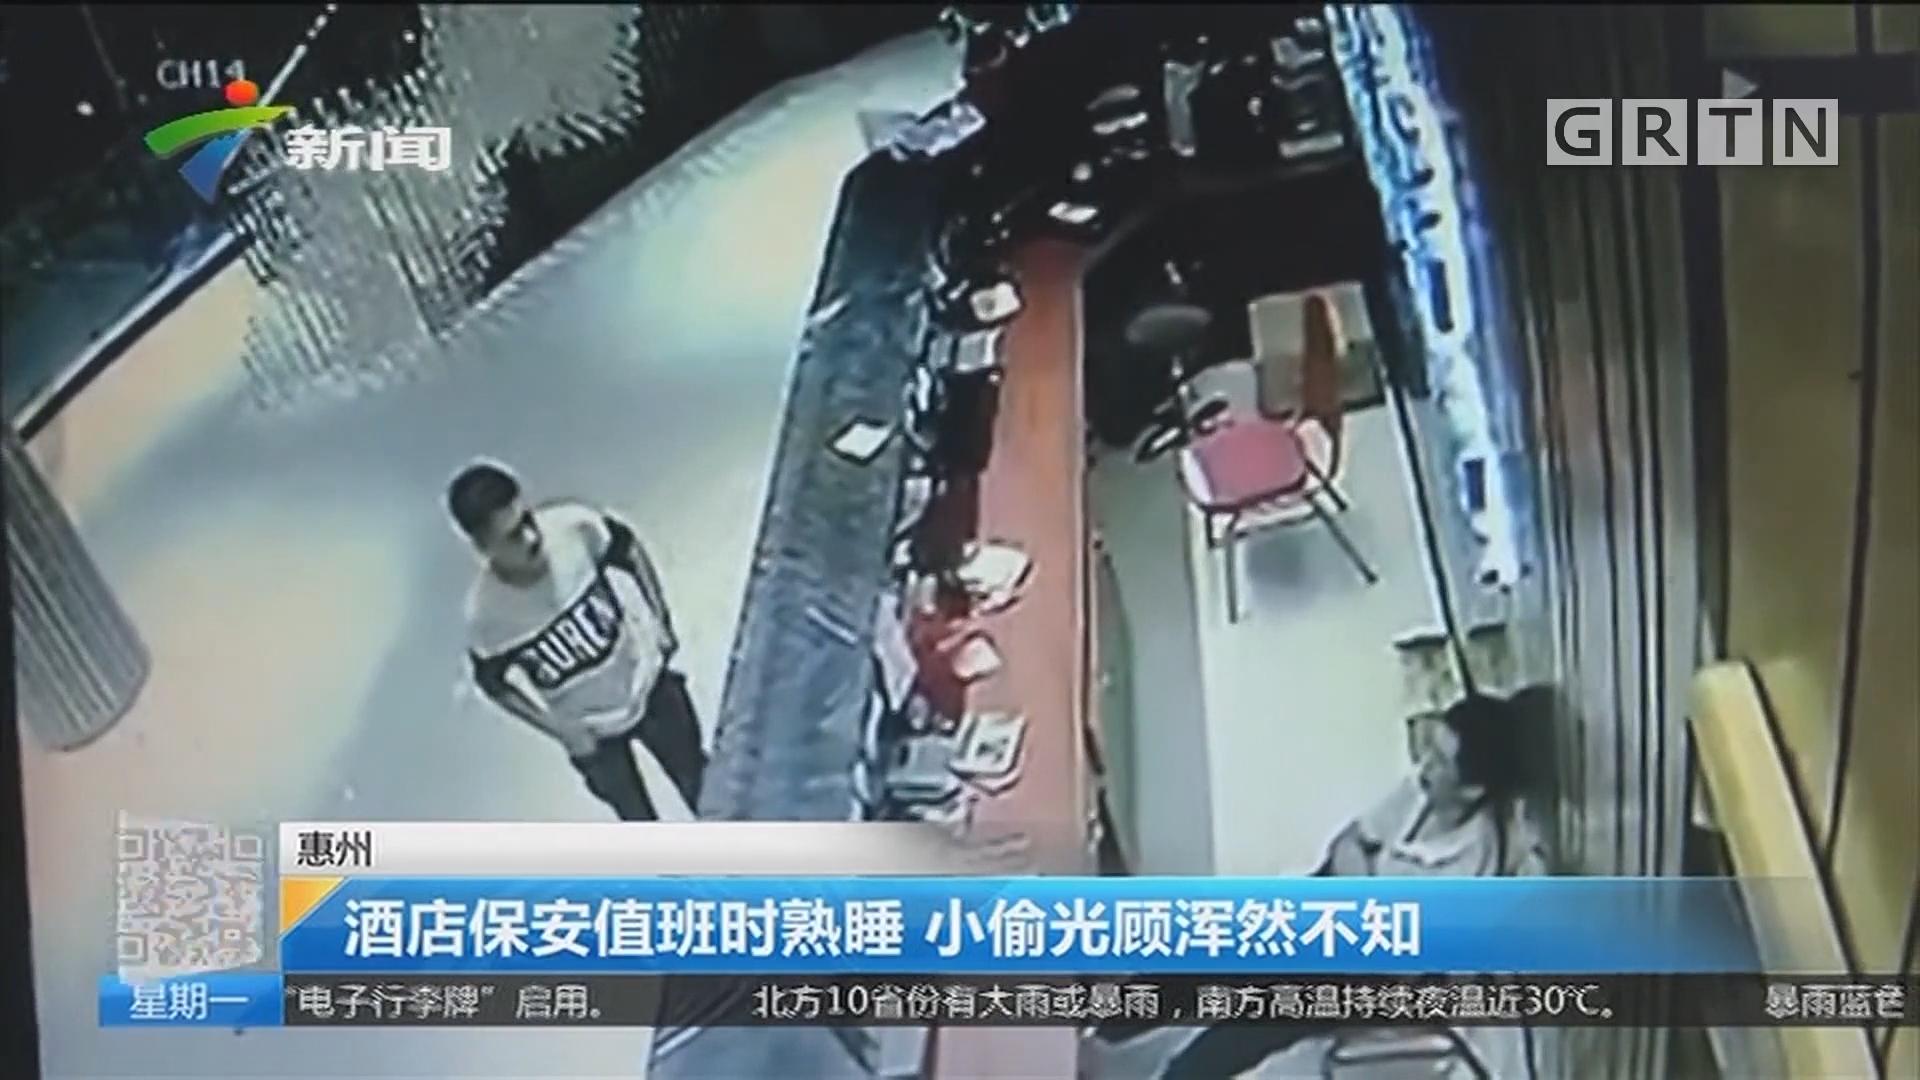 惠州:酒店保安值班时熟睡 小偷光顾浑然不知